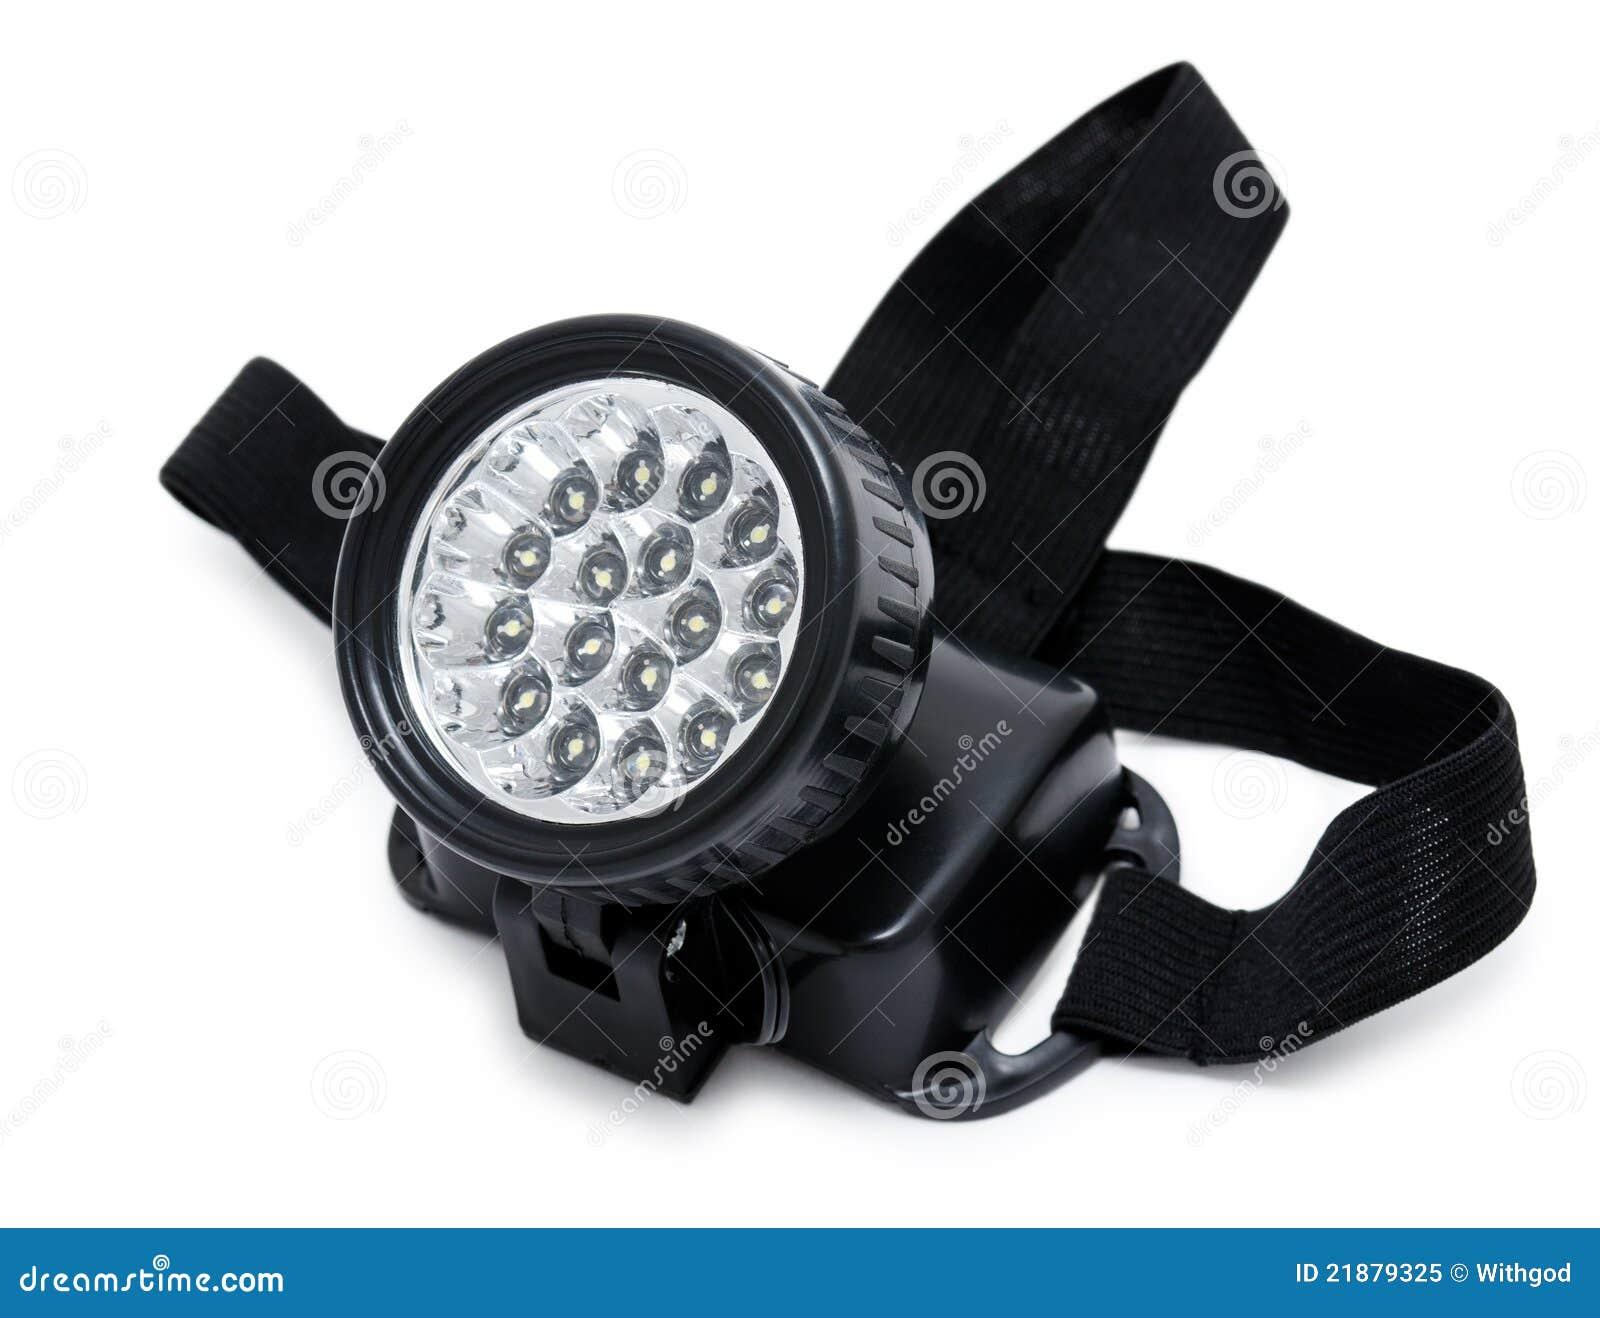 LED Lantern Stock Photo